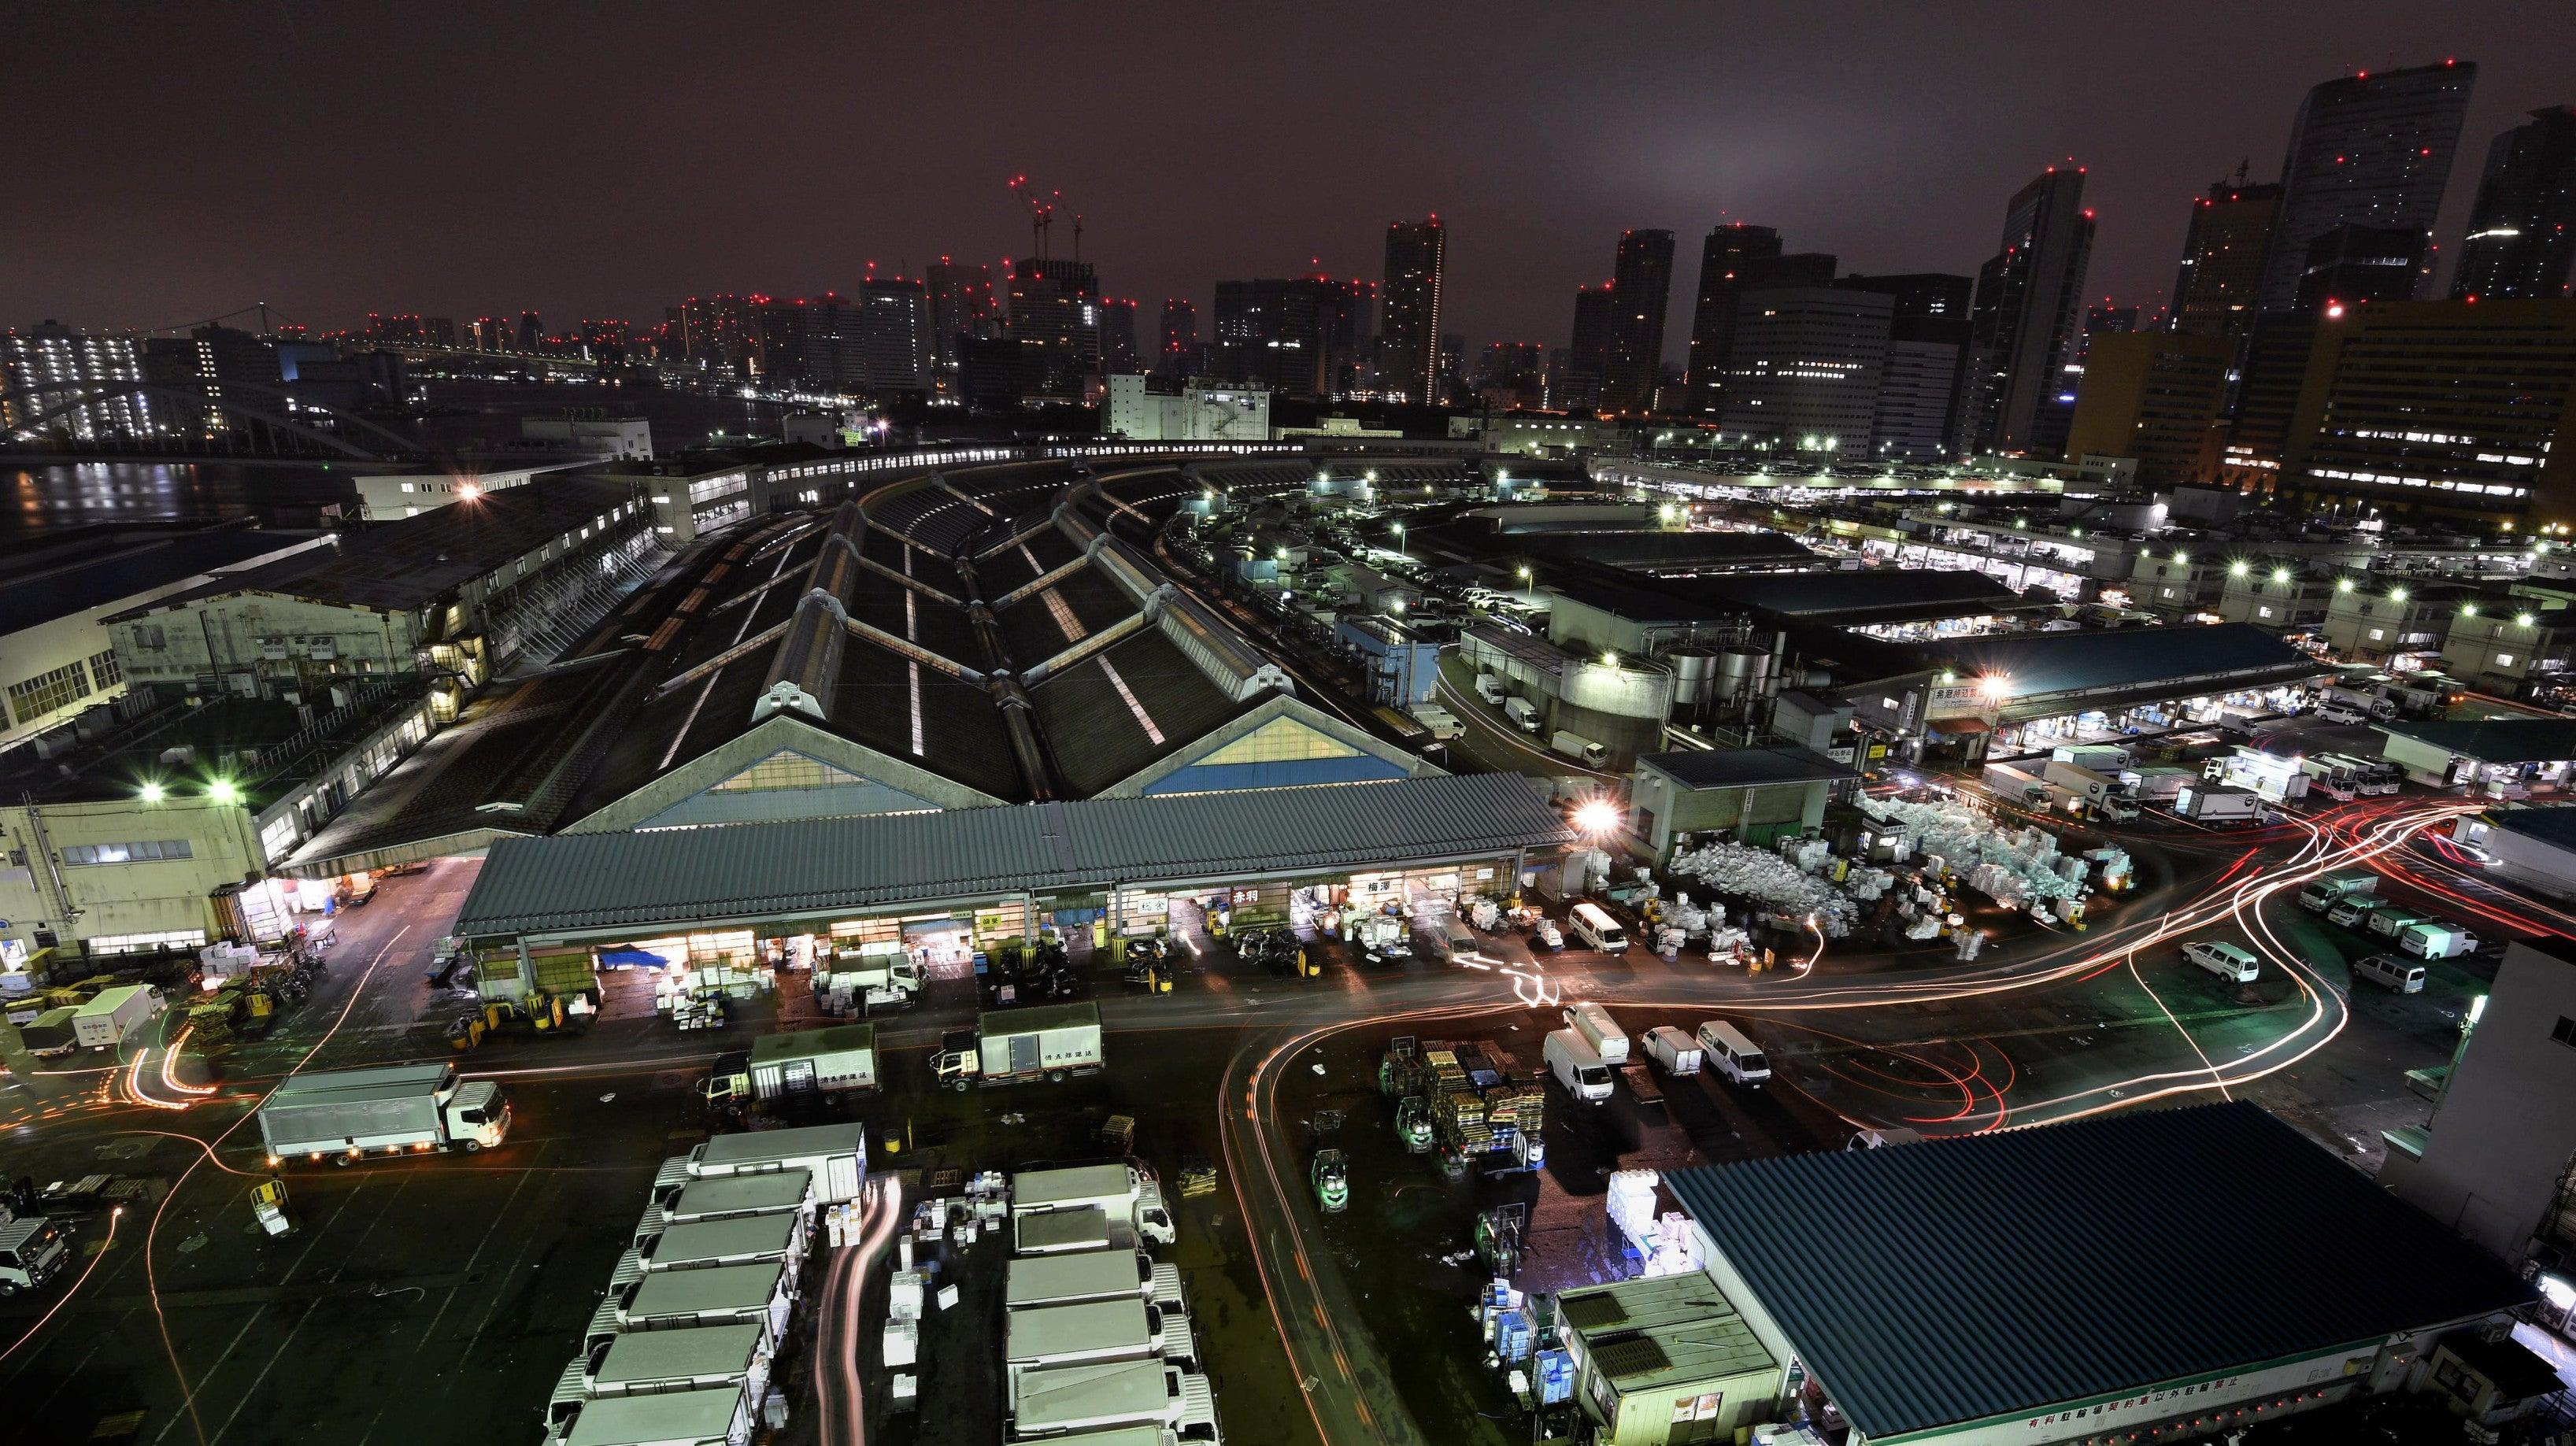 Ära geht zu Ende: Touristen-Attraktion in Tokio schließt für immer